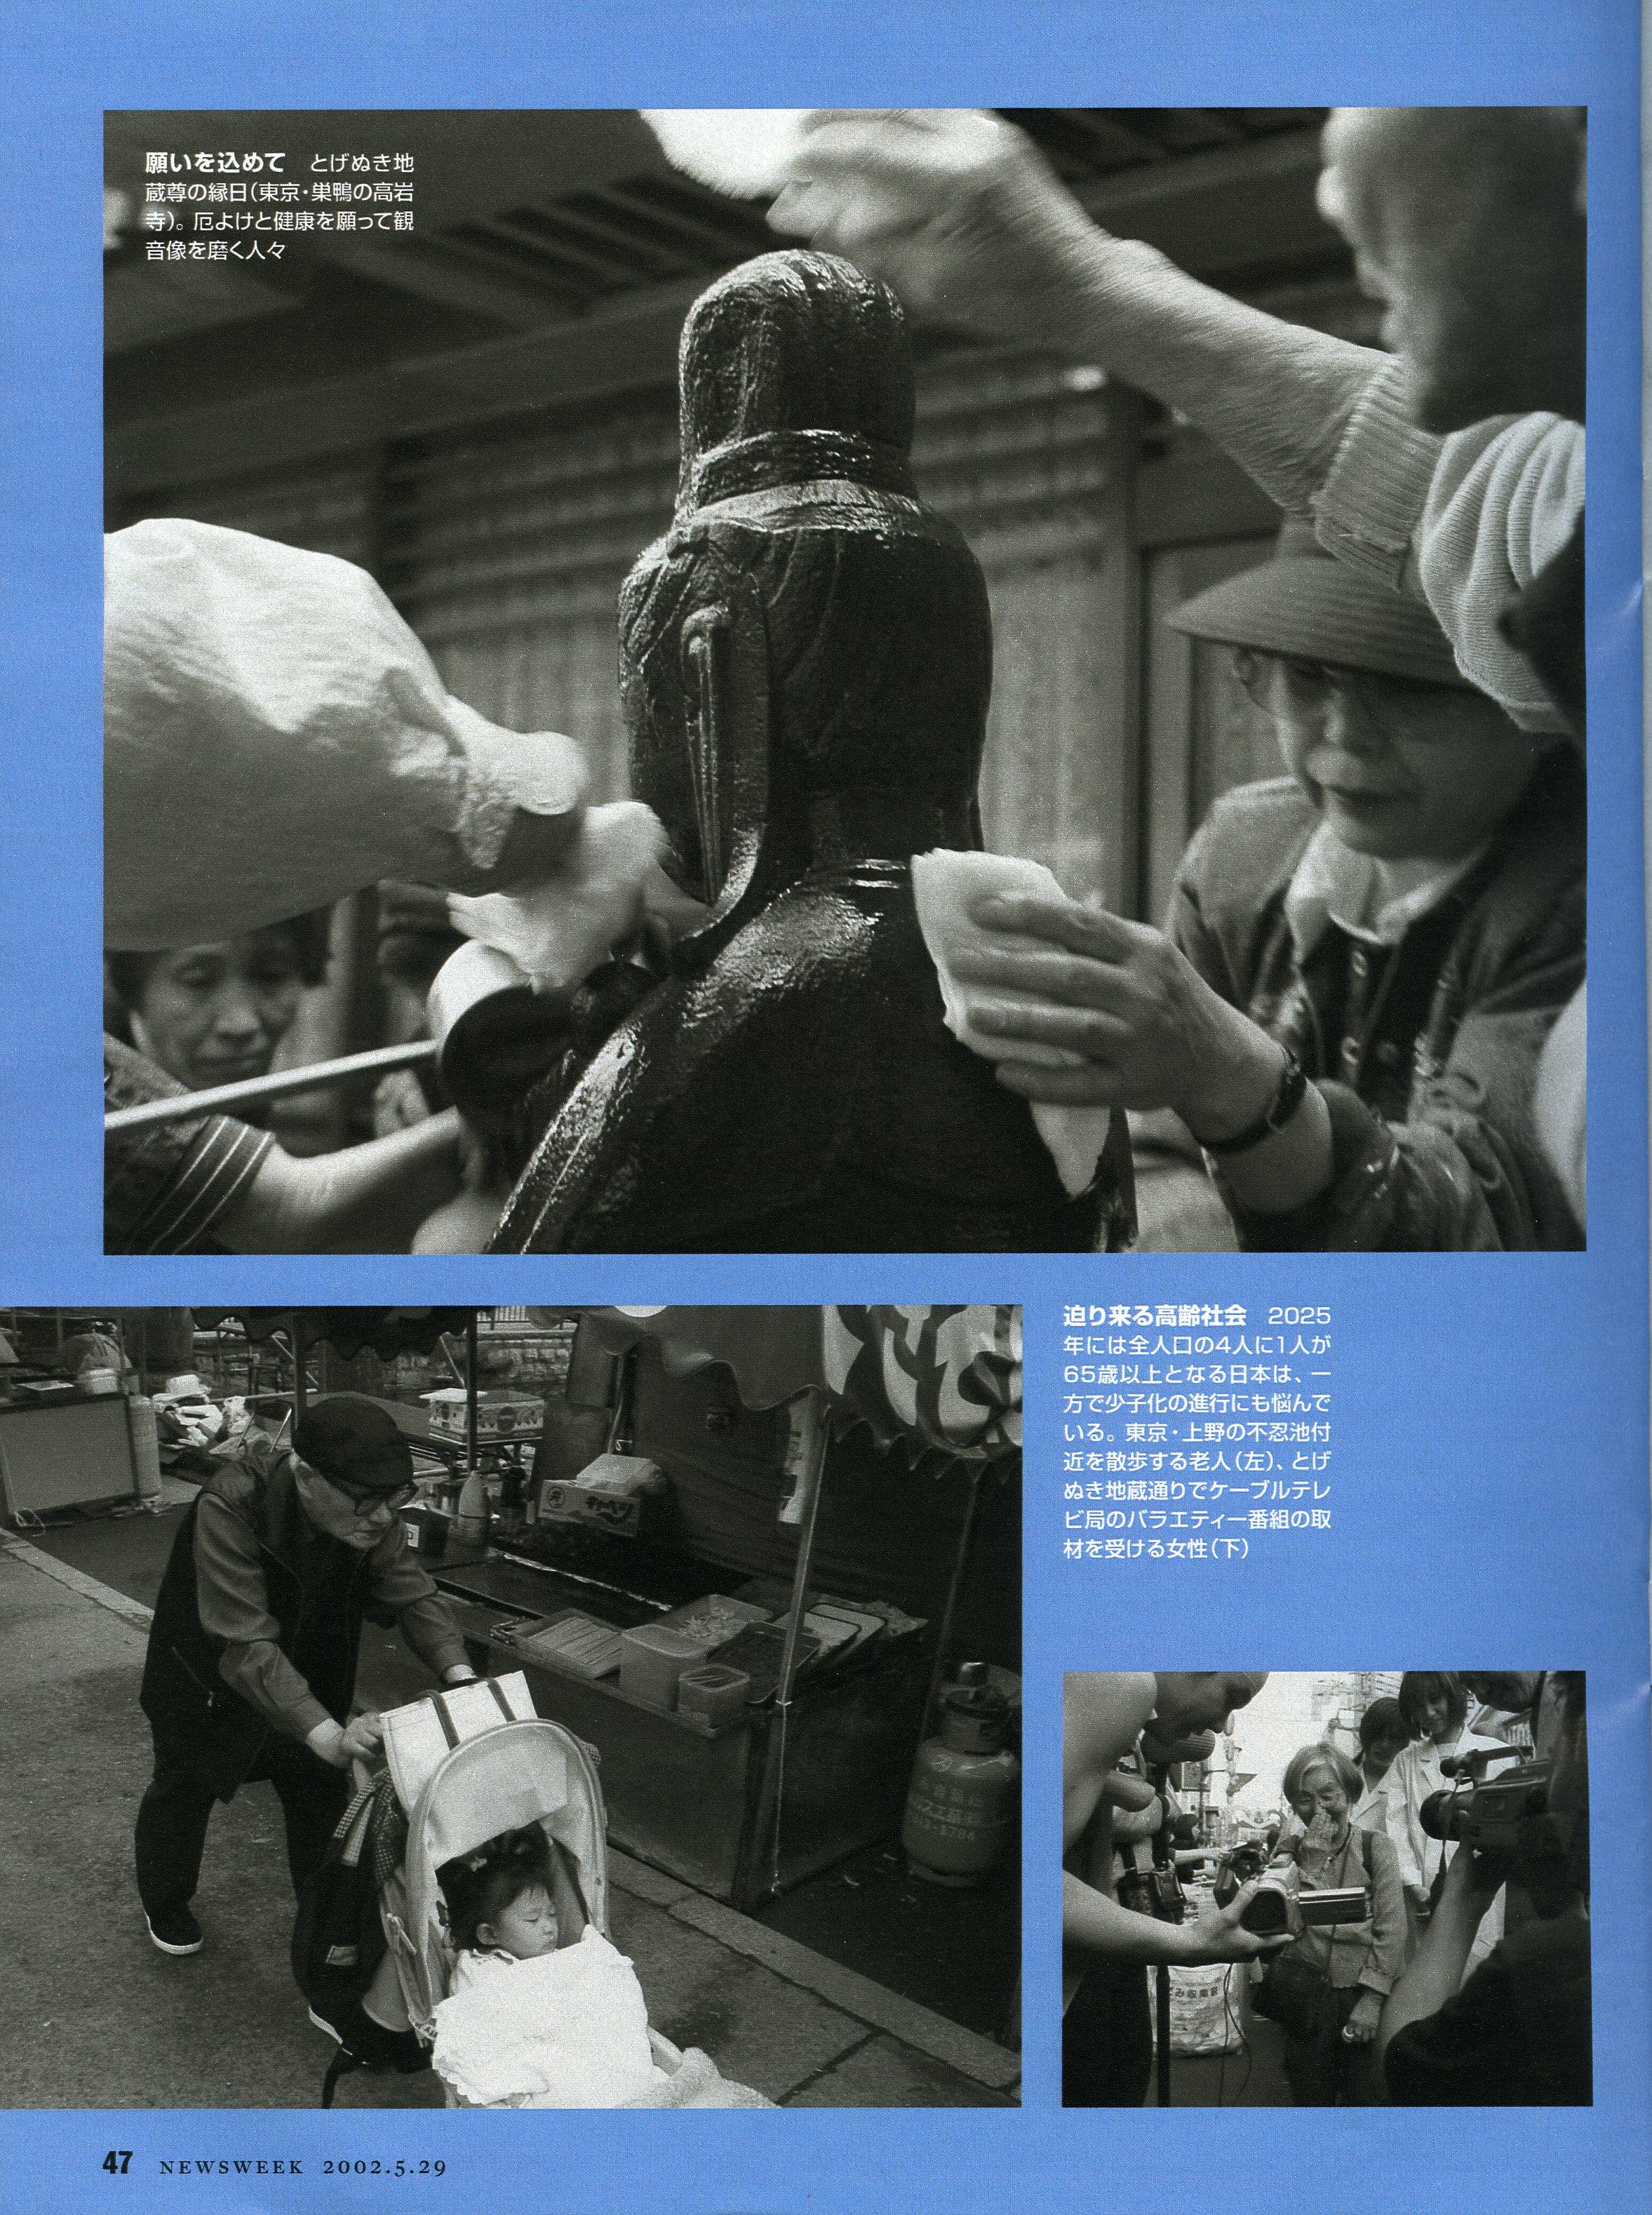 05292002_NEWSWEEK_JAPAN_10.jpg